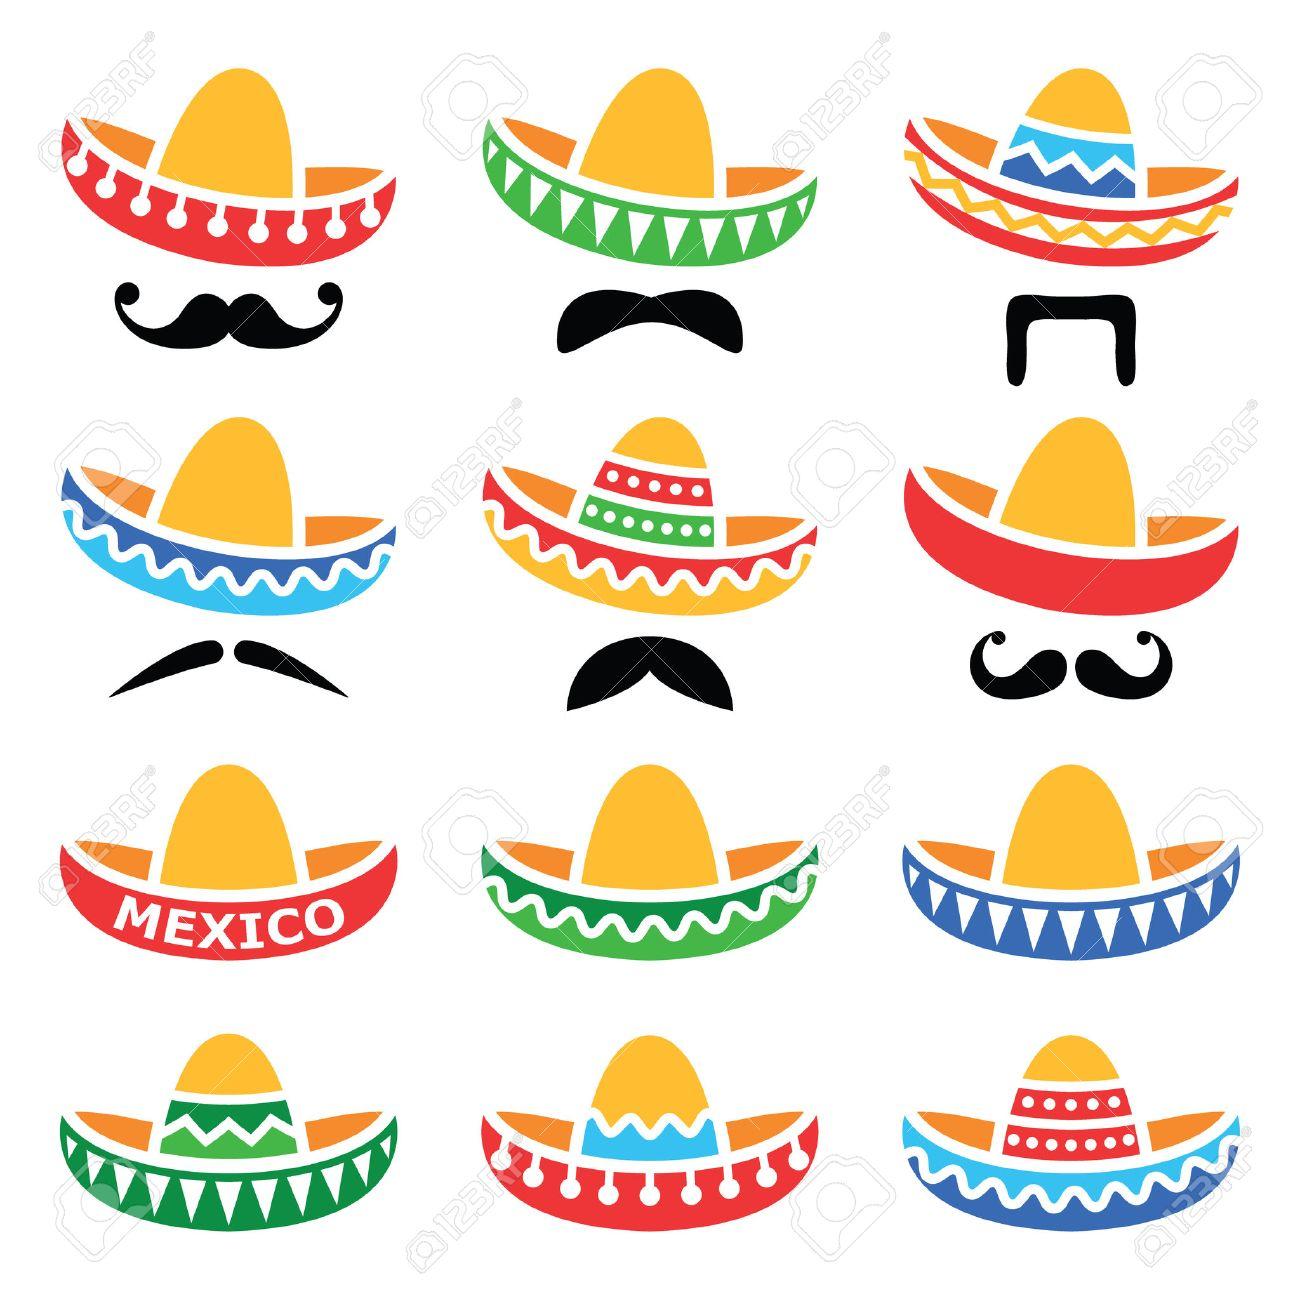 Sombrero mexicano del sombrero con el bigote o bigote iconos Foto de archivo - 36202486